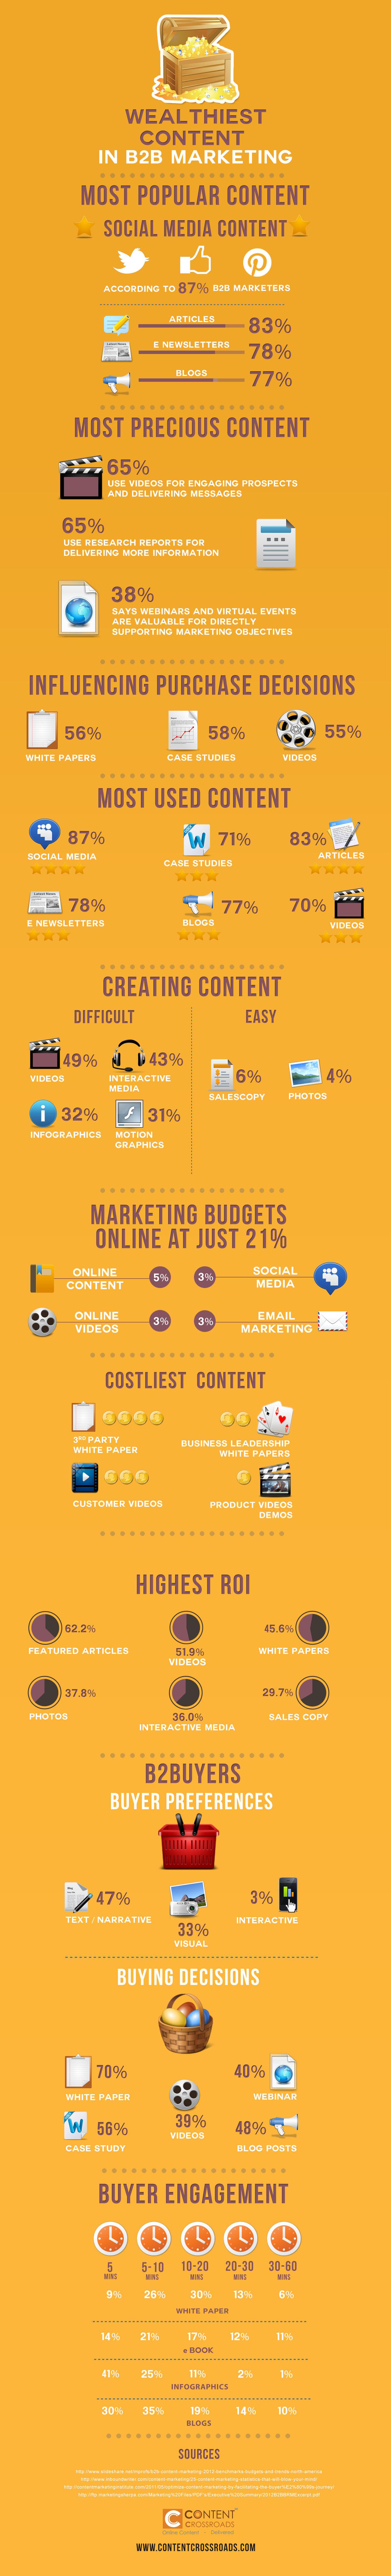 17. Most Popular Media content